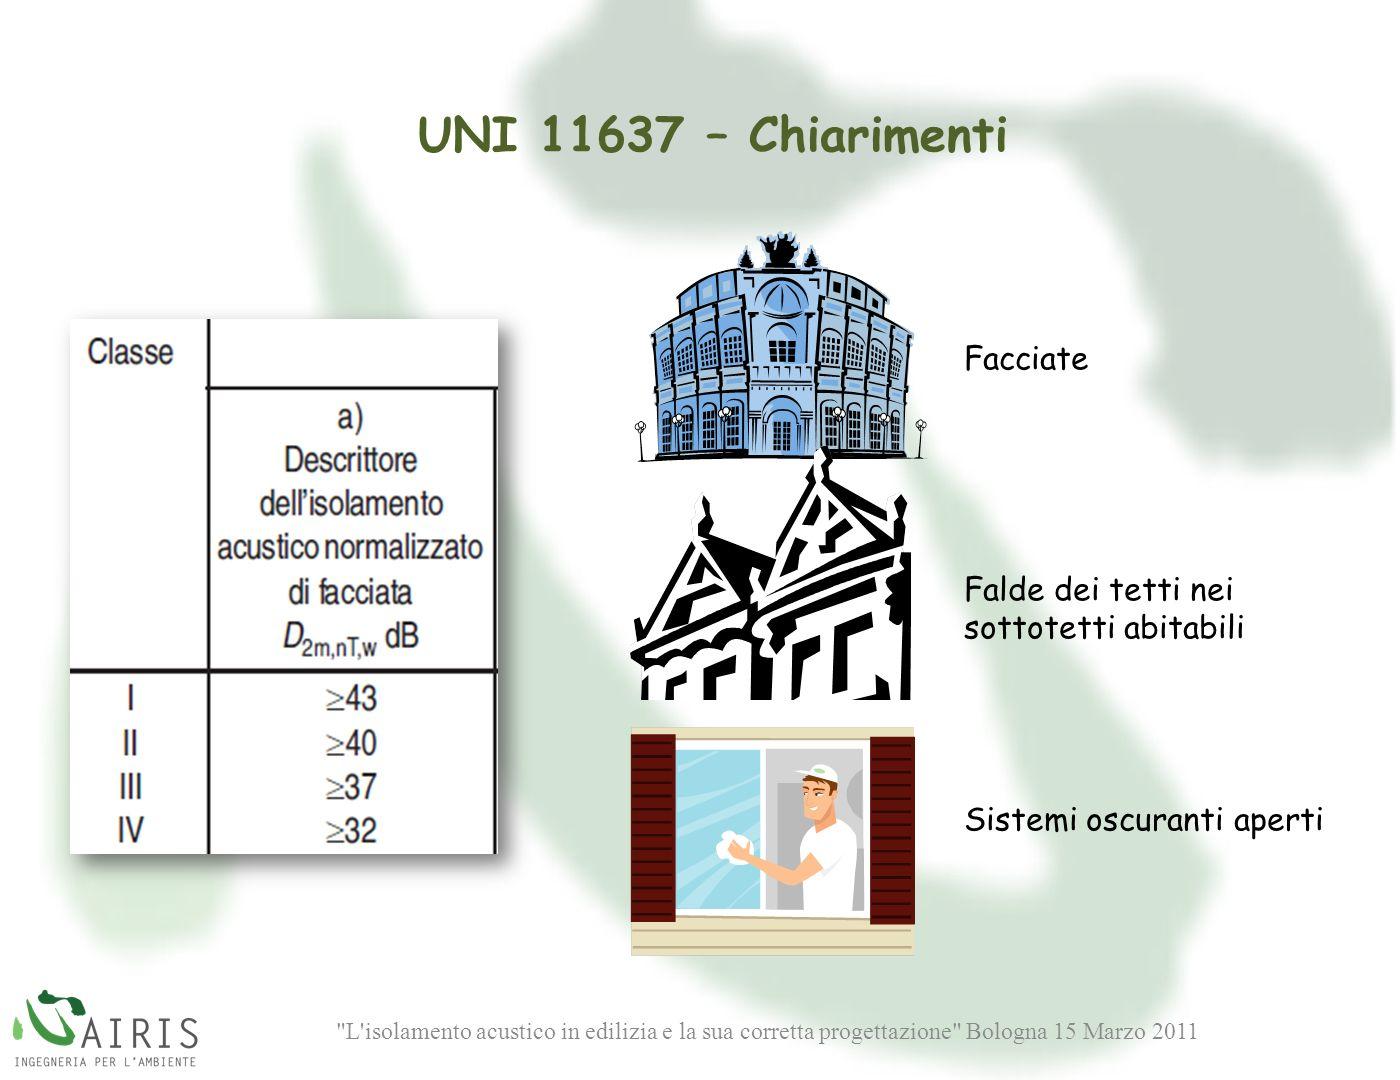 L isolamento acustico in edilizia e la sua corretta progettazione Bologna 15 Marzo 2011 Facciate Falde dei tetti nei sottotetti abitabili Sistemi oscuranti aperti UNI 11637 – Chiarimenti